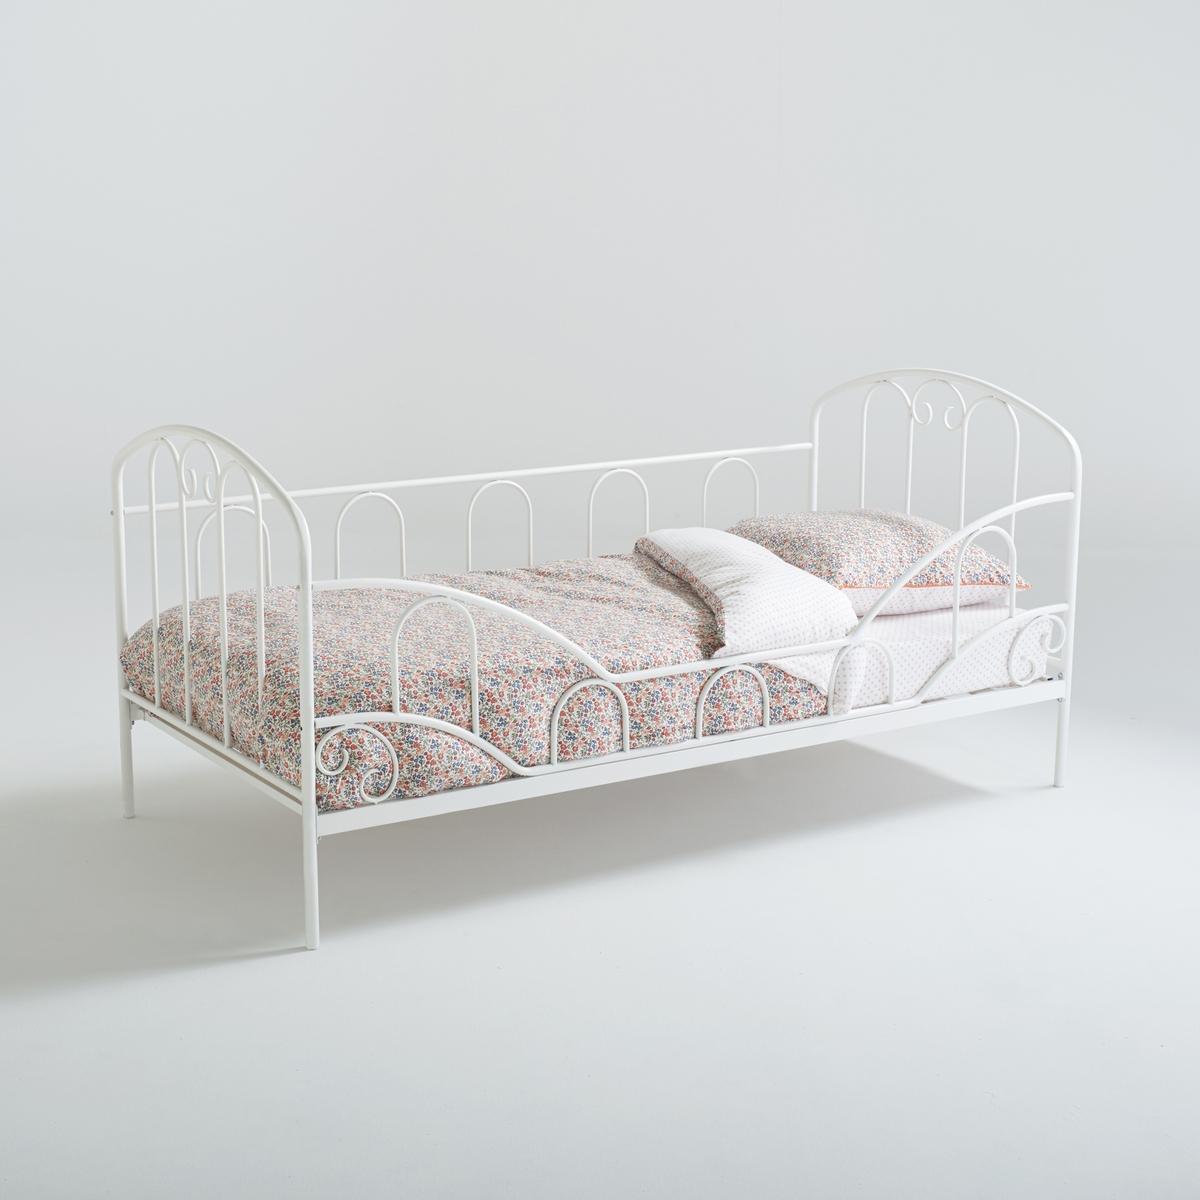 Кровать-кушетка La Redoute Из металла с основой под матрас Aela 90 x 190 см белый кровать la redoute с основой под матрас trianon 140 x 190 см белый